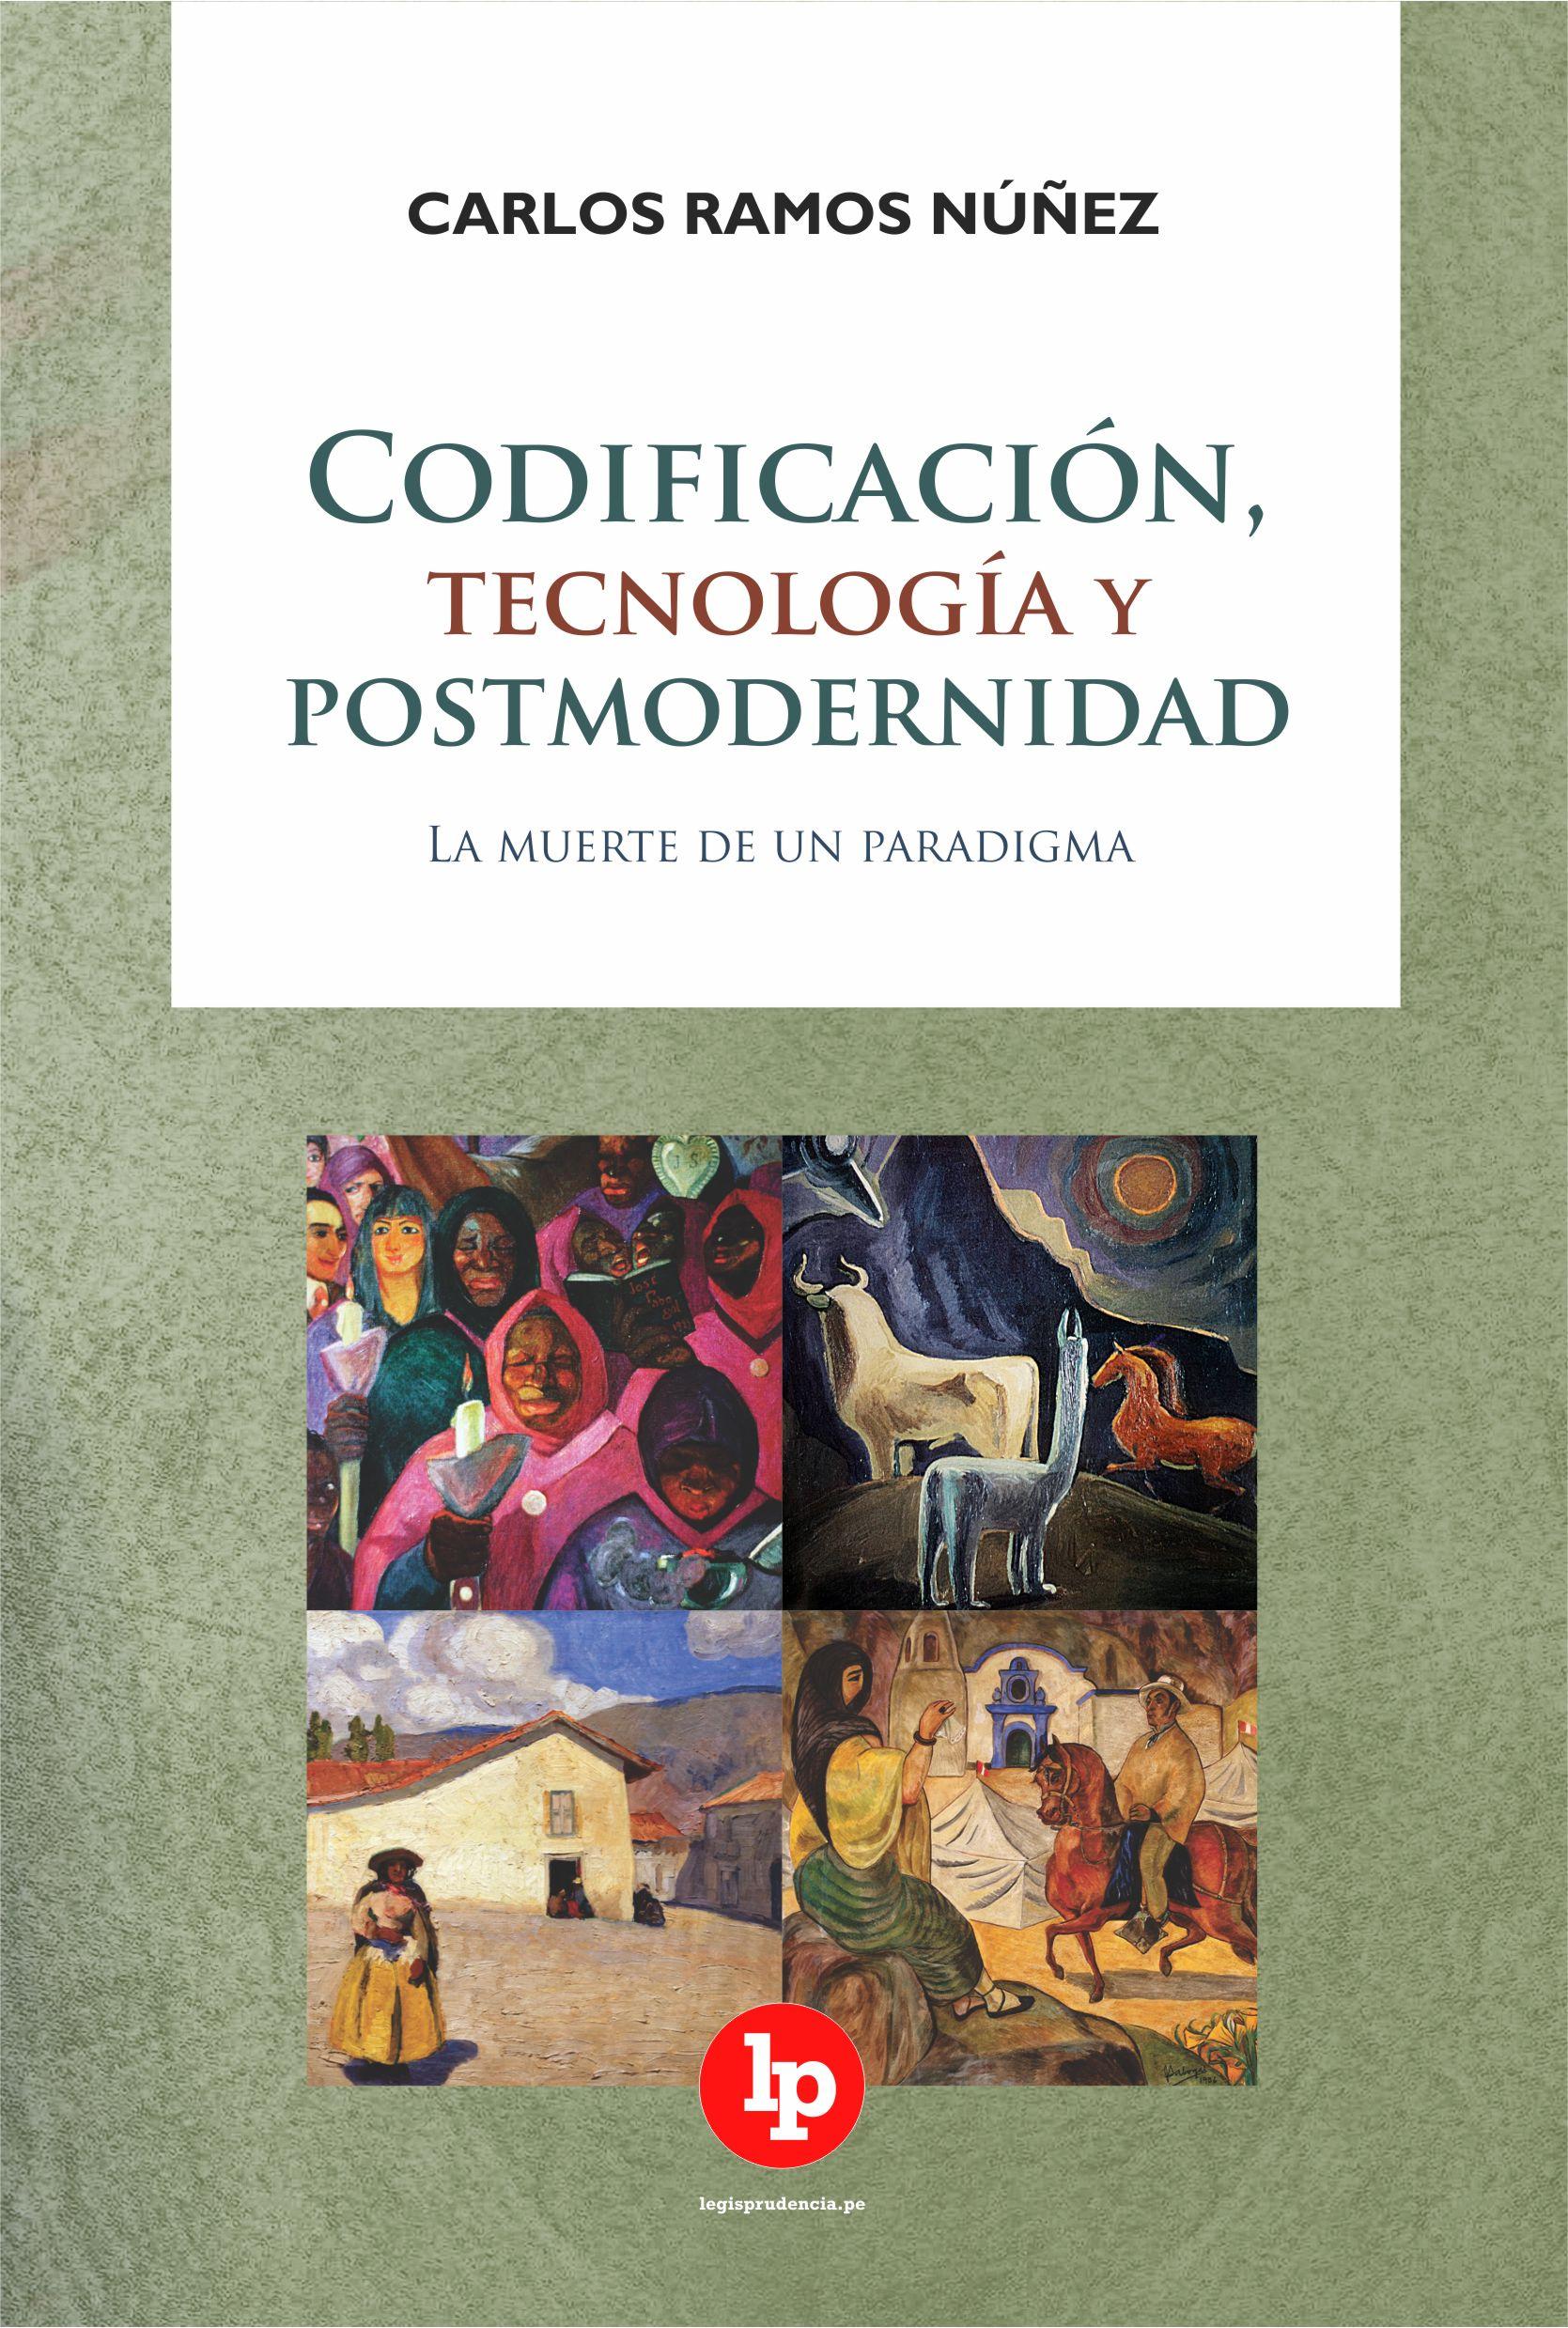 «Codificación, tecnología y postmodernidad» de Carlos Ramos Núñez.